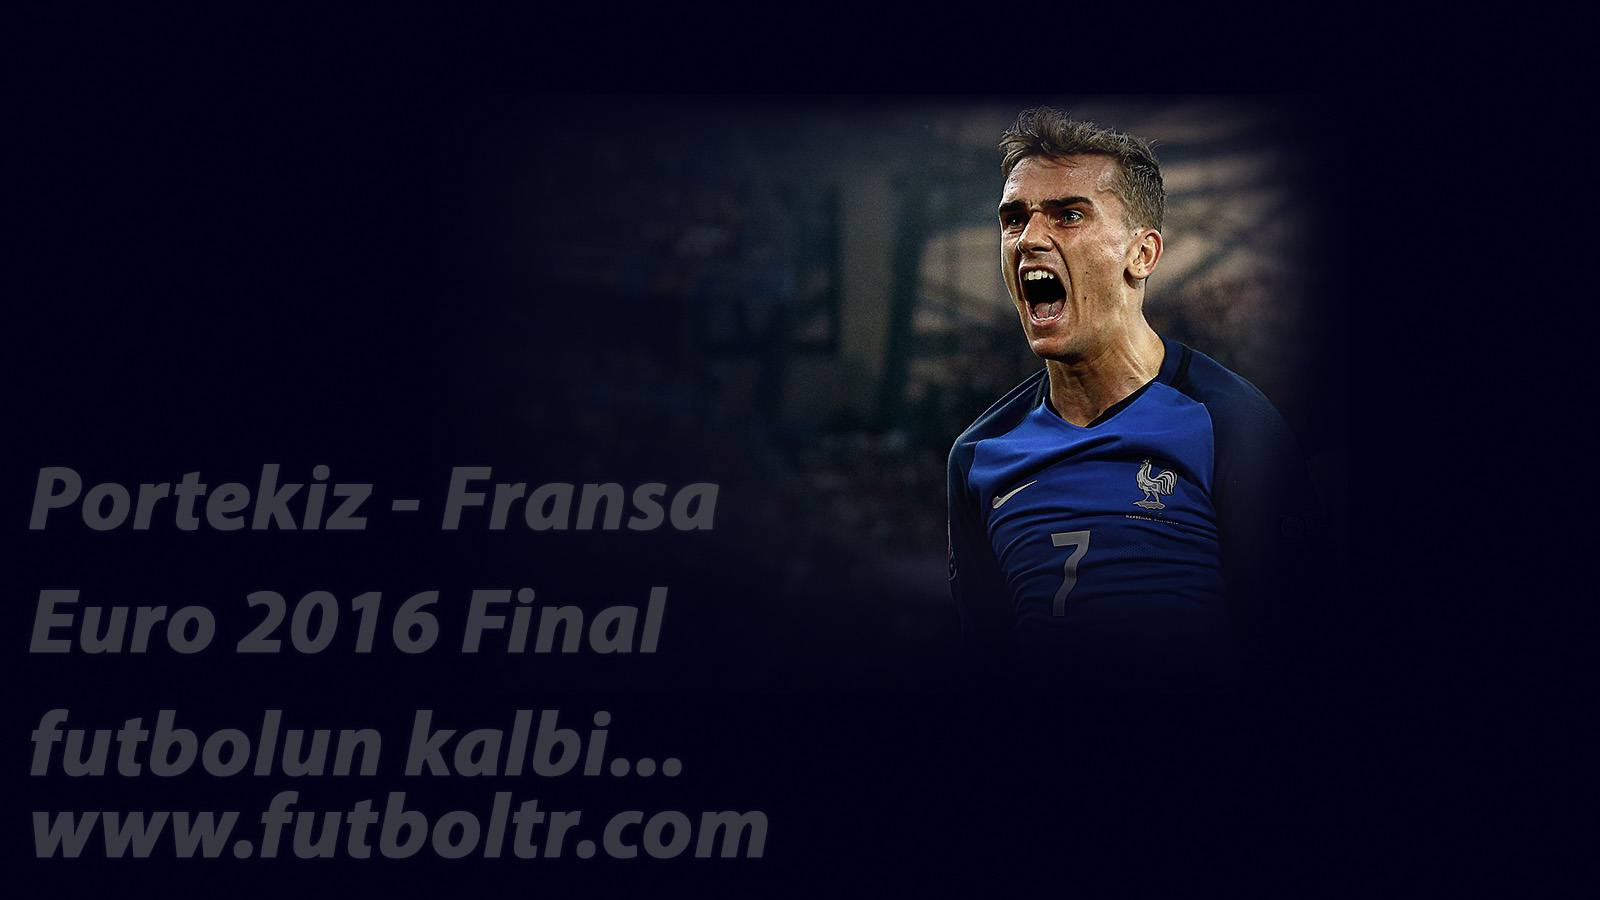 Fransa Portekiz Euro 2016 Final Maçı Yorumu (10 Temmuz 2016) İddaa Tahmini